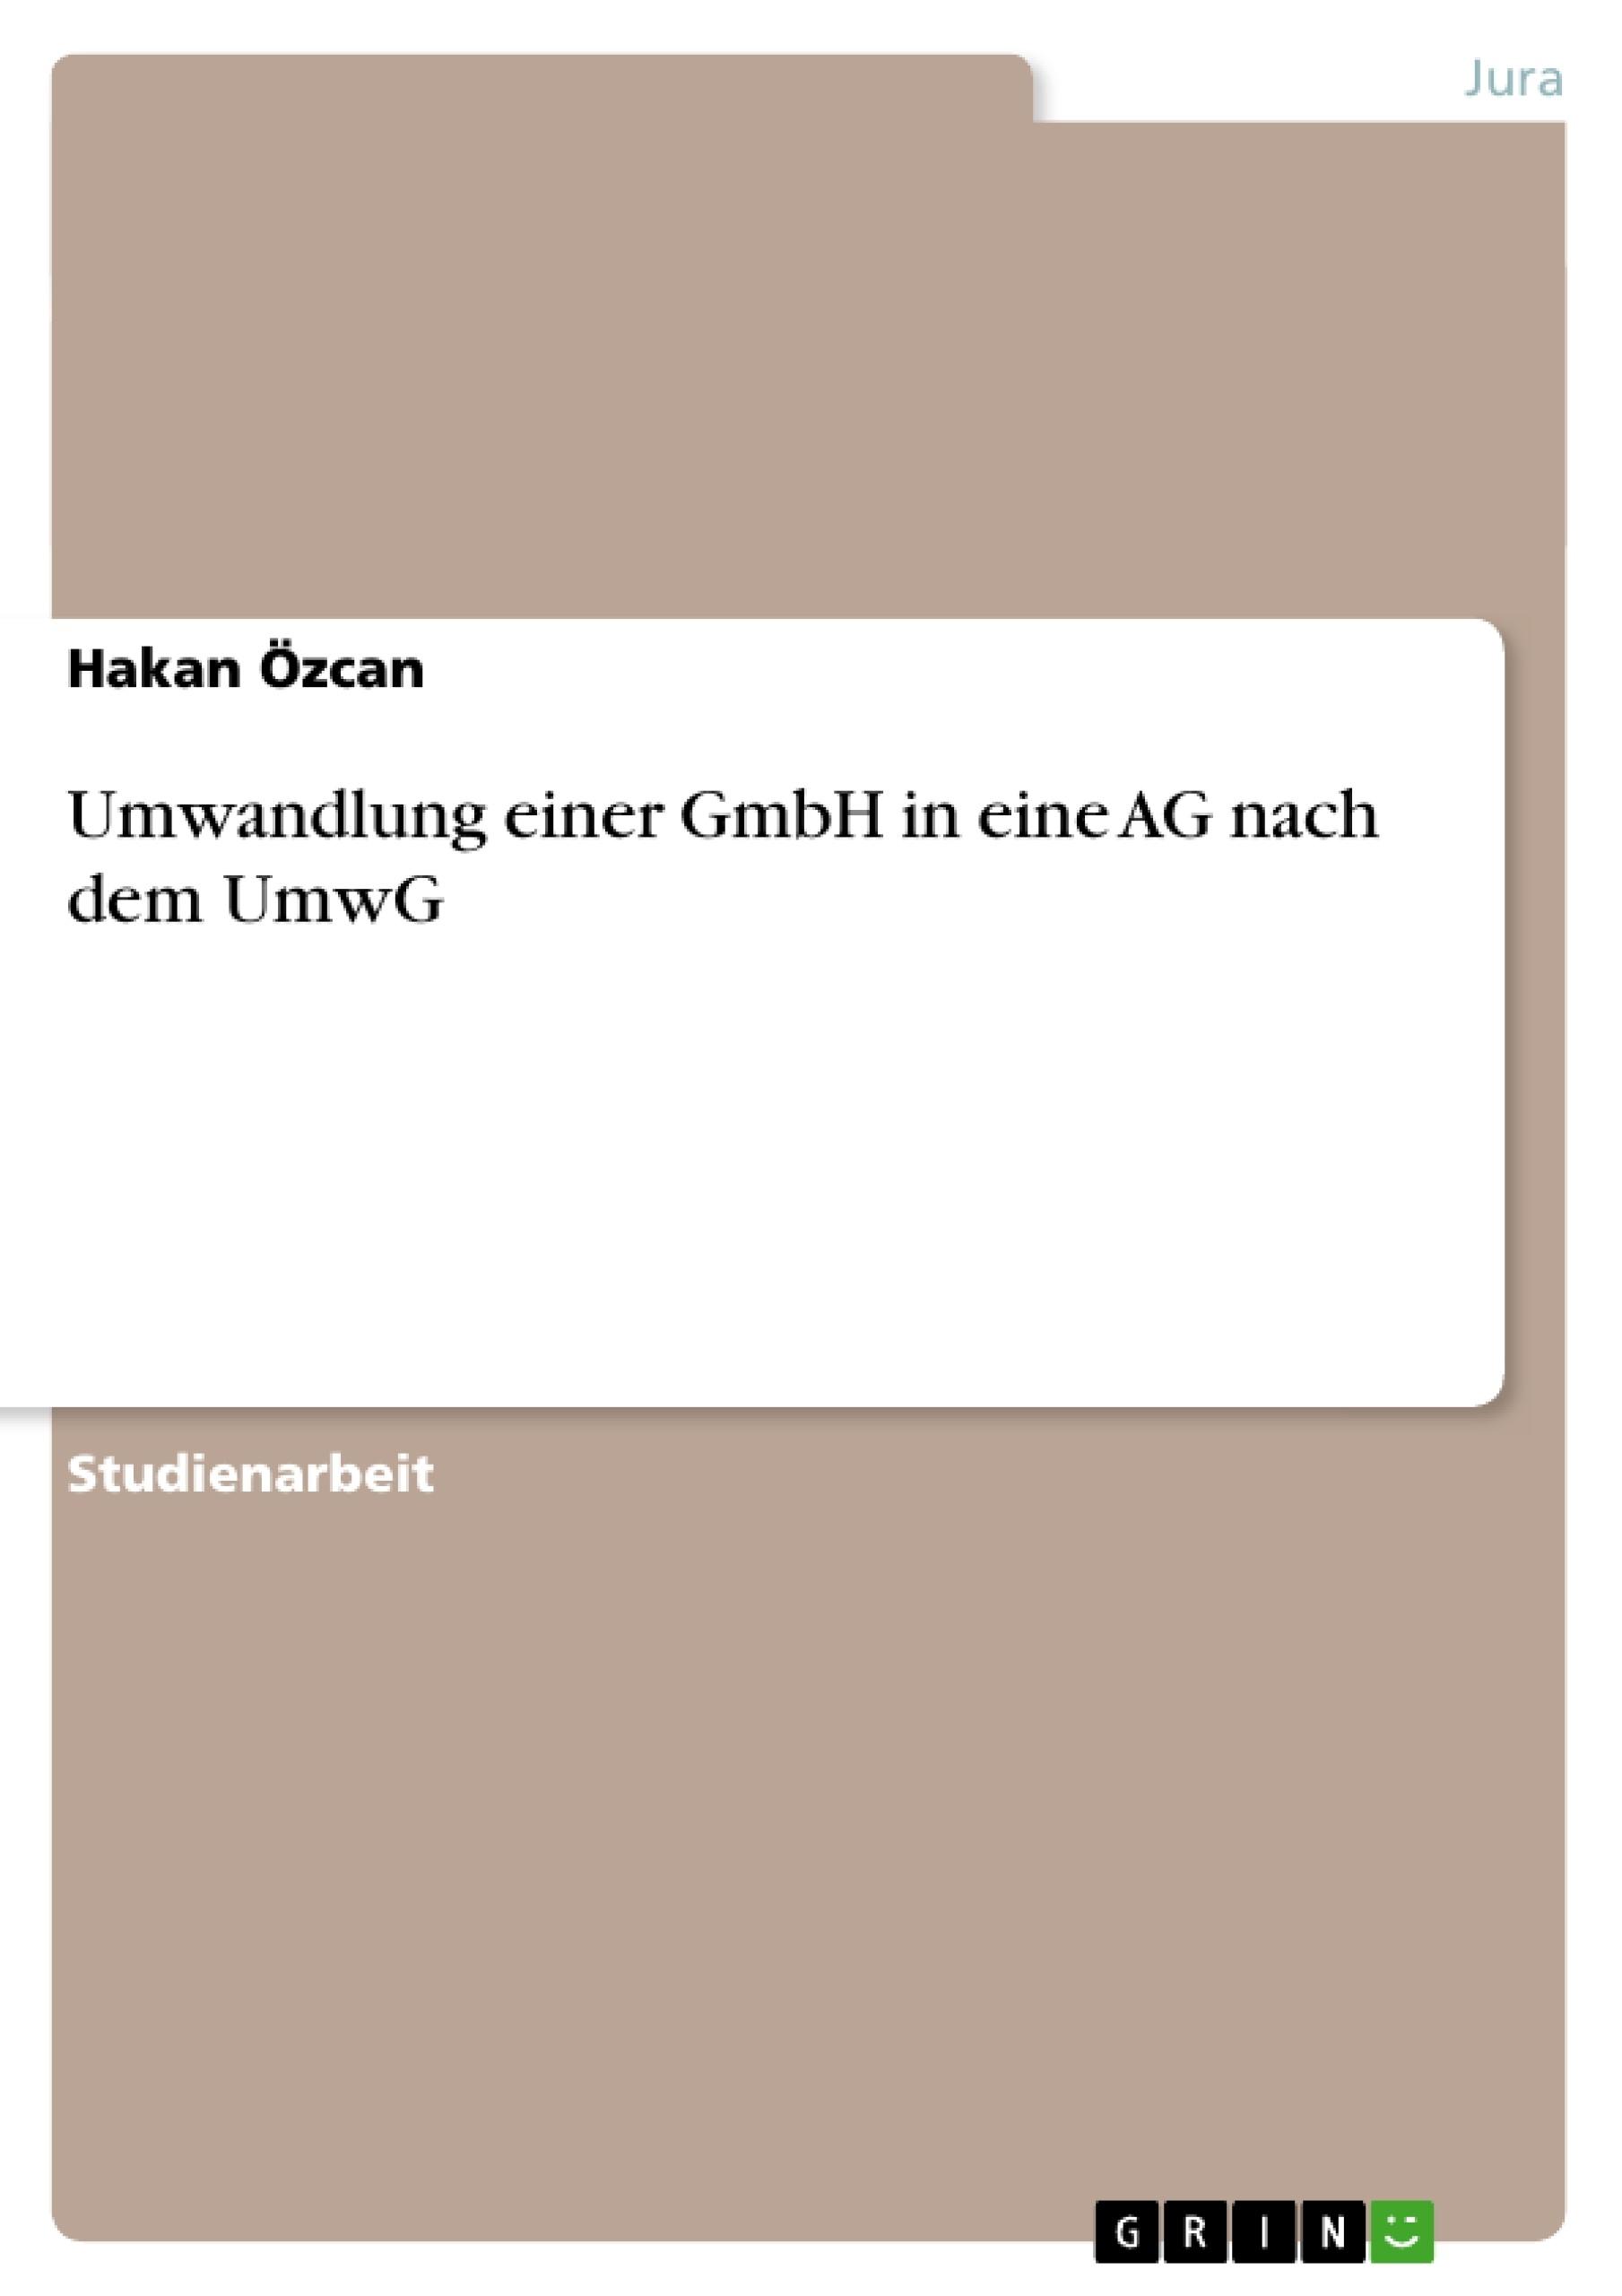 Titel: Umwandlung einer GmbH in eine AG nach dem UmwG